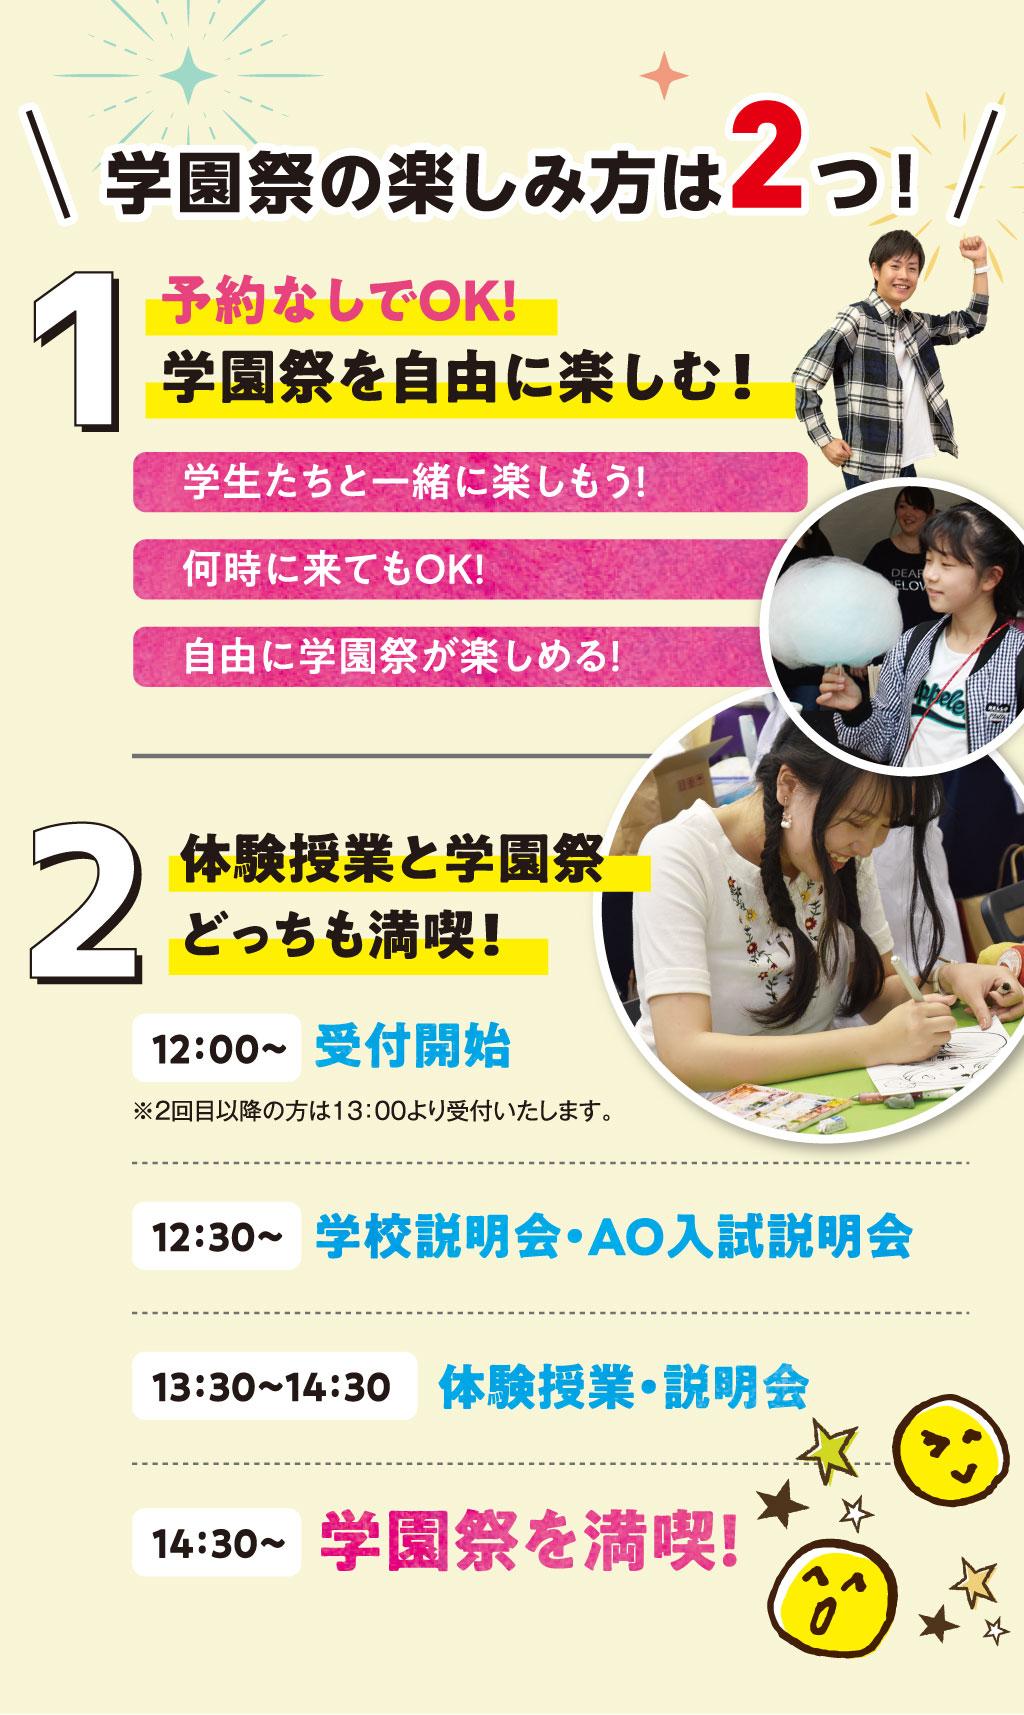 schoolfestival2020